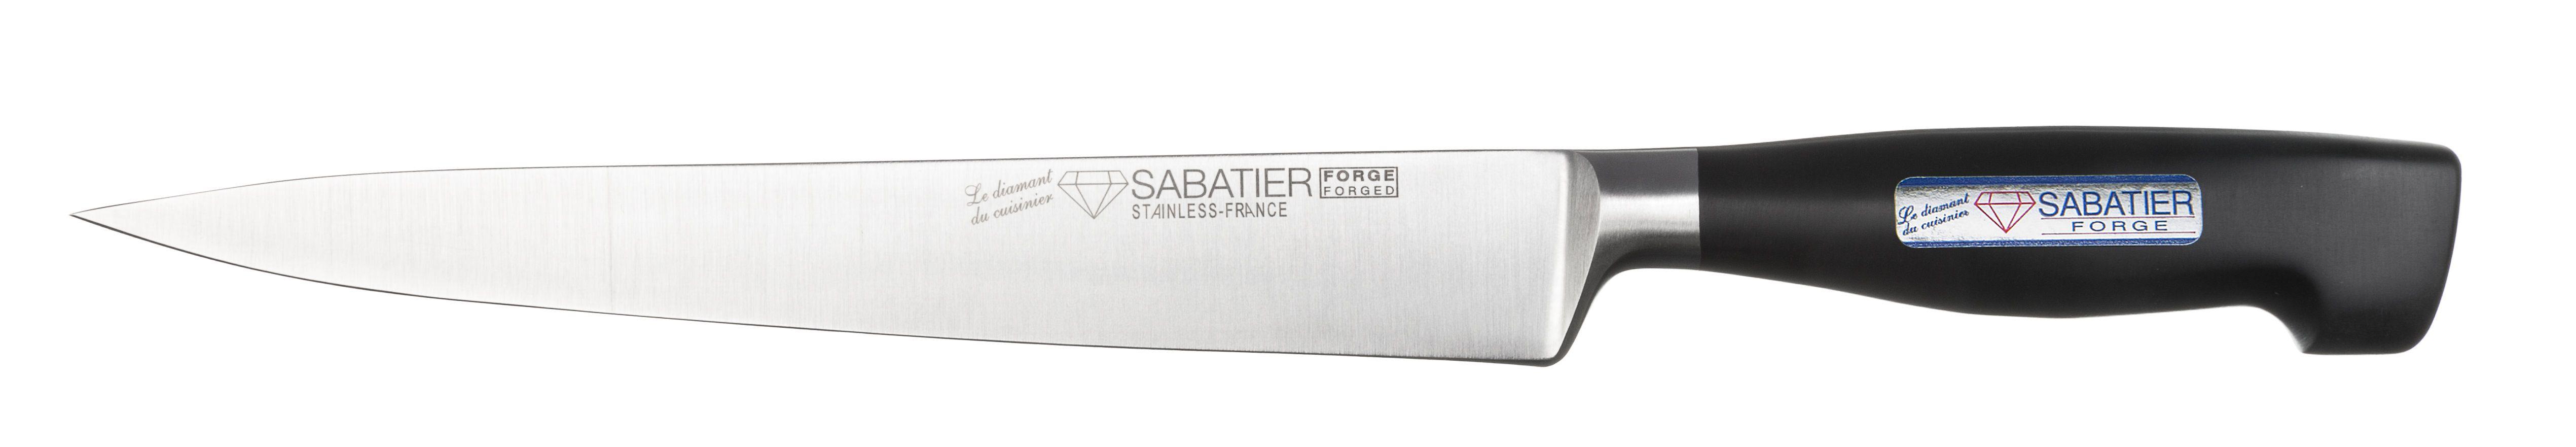 diamant_sabatier_vleesmes_forge_20_cm.jpg